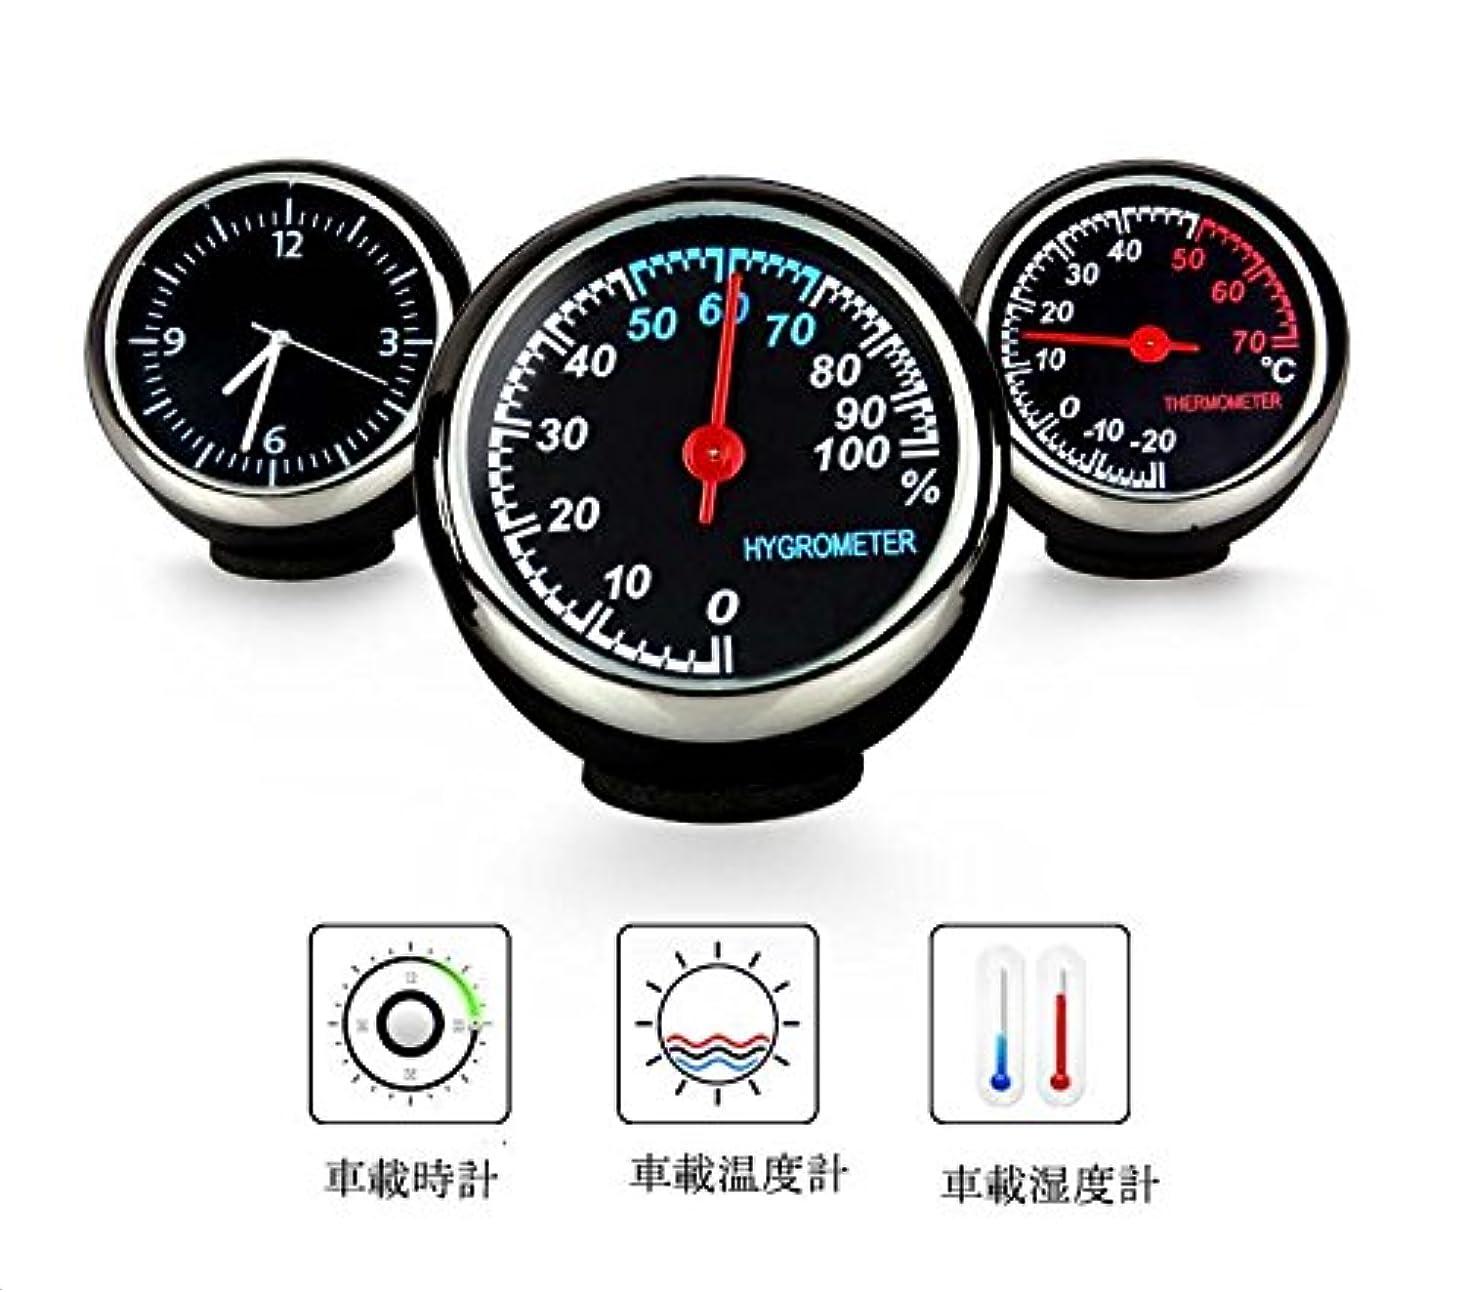 納得させるループオートメーション車内用 温度計/湿度計/時計 3連メーター[並行輸入] ドレスアップ 配線不要タイプ 小型軽量 簡単設置 カーアクセサリ 超実用 可愛いデザイン